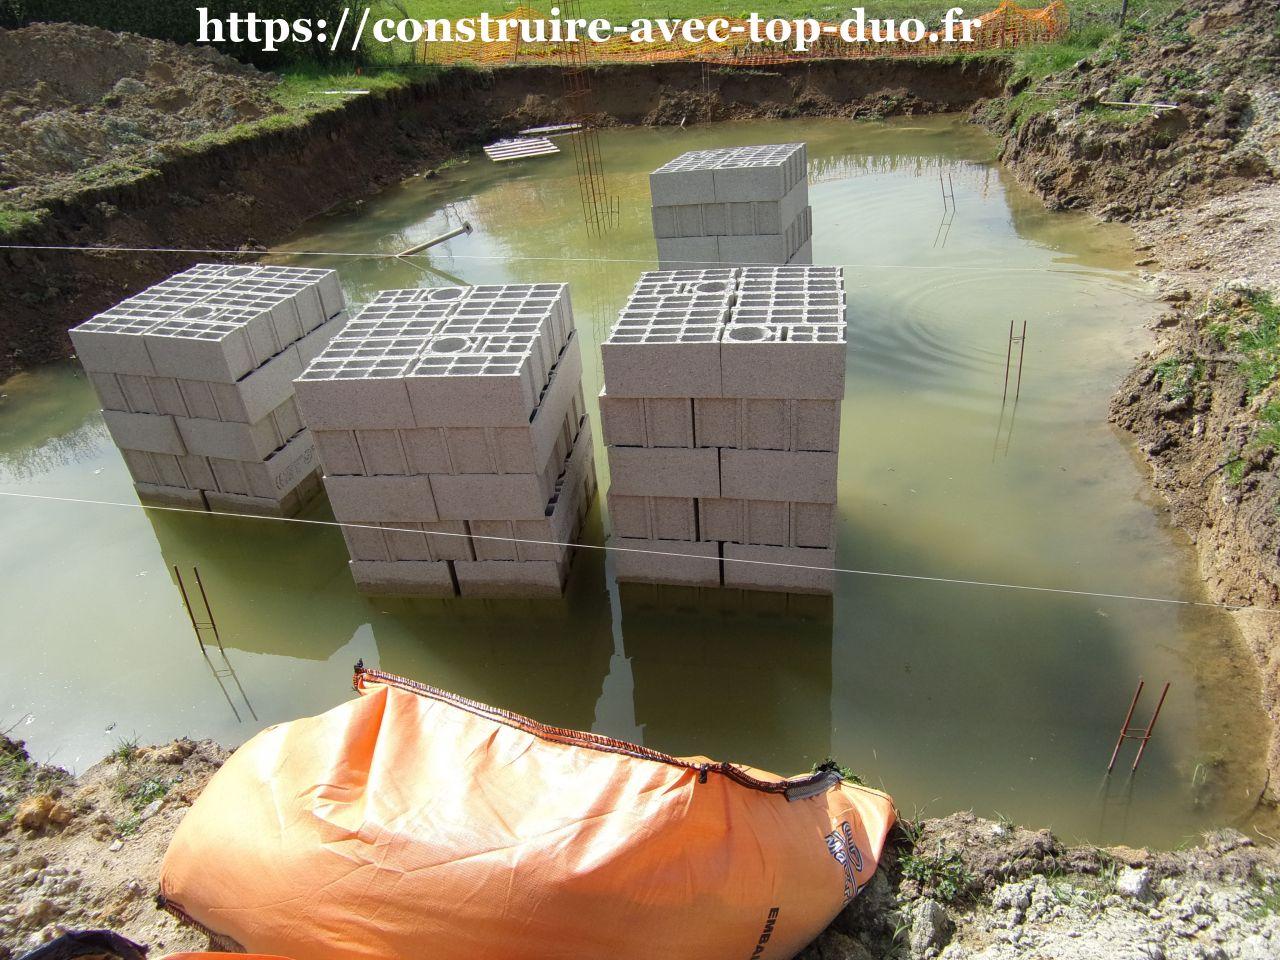 Chantier TOP DUO AST abandonné et noyé dans 40 cm d'eau